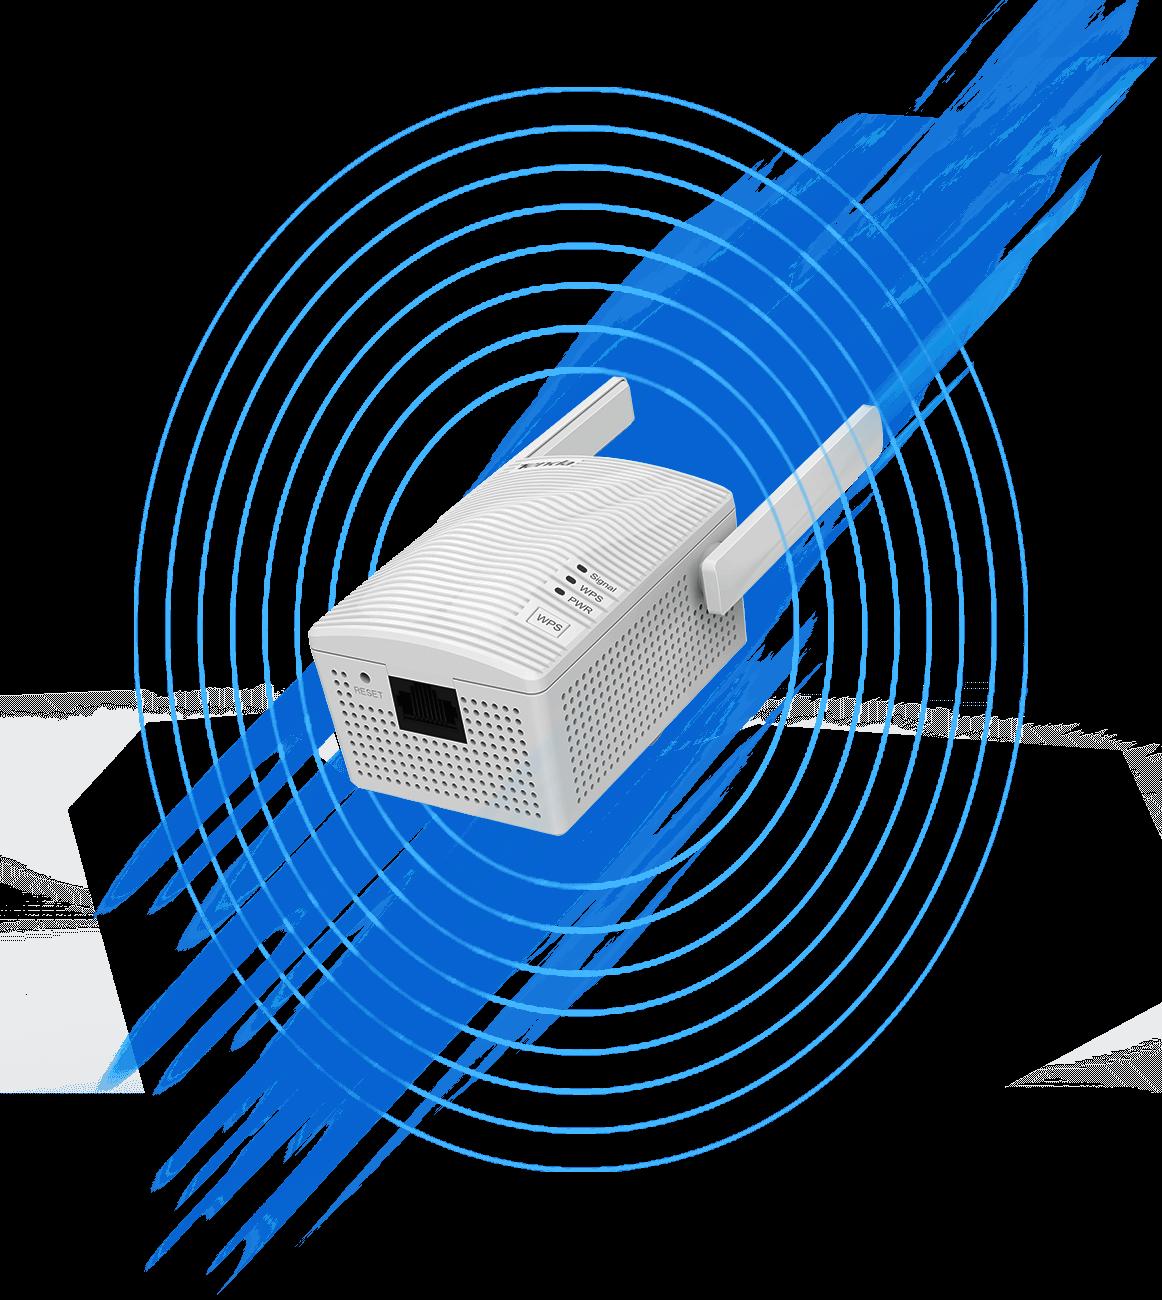 Większy zasięg WiFi i automatyczne przełączanie między dwoma pasmami